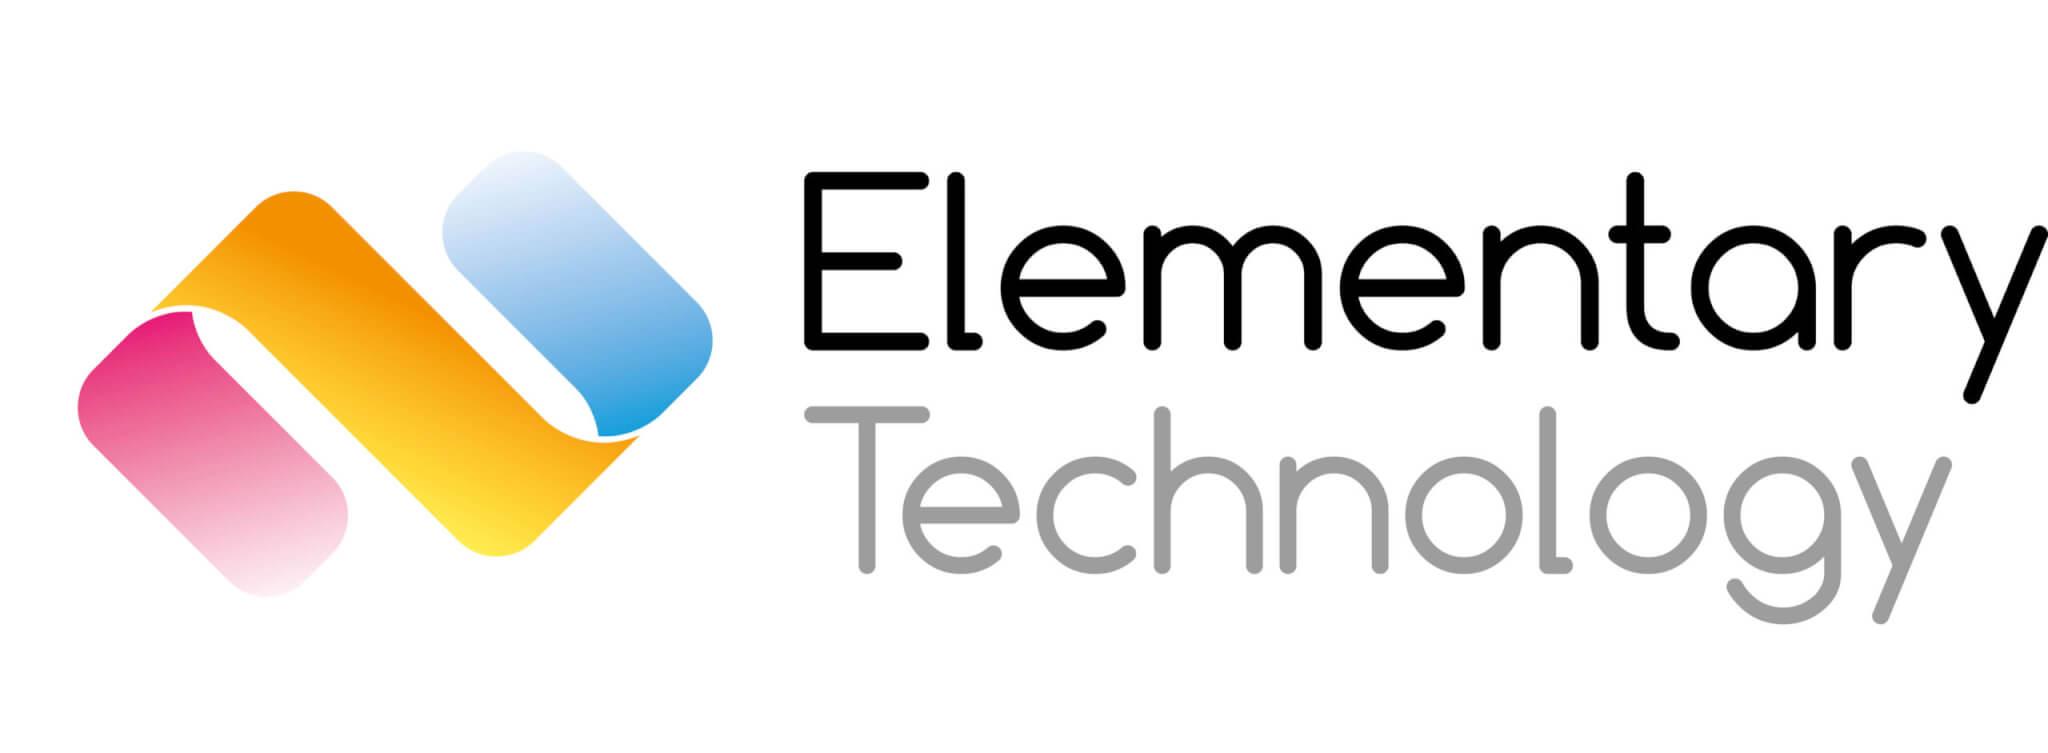 https://londonbroncosrl.com/wp-content/uploads/2021/03/ET-Logo-LARGE-scaled.jpg